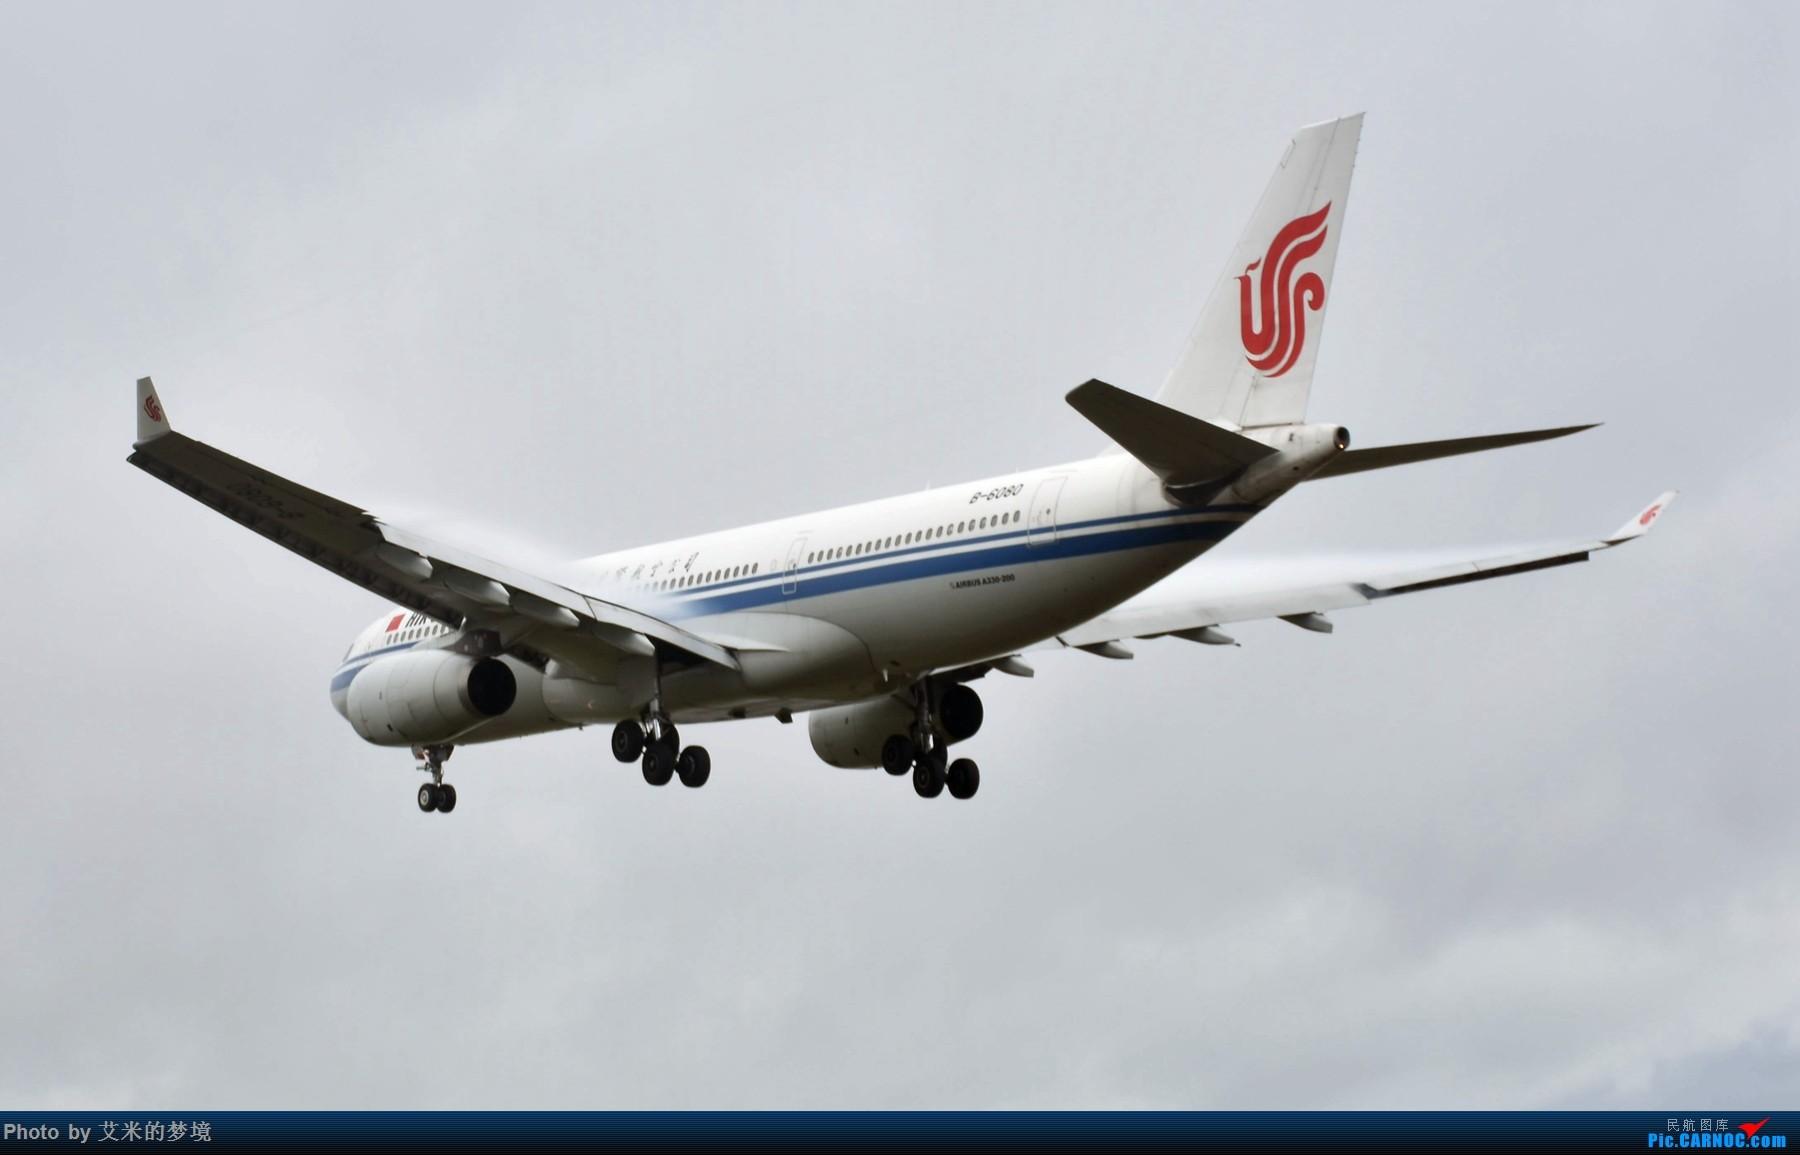 Re:[原创]【carnoc重庆飞友会】7.14雨中奔袭。。又被放鸽子的首航日 AIRBUS A330-200 B-6080 中国重庆江北国际机场